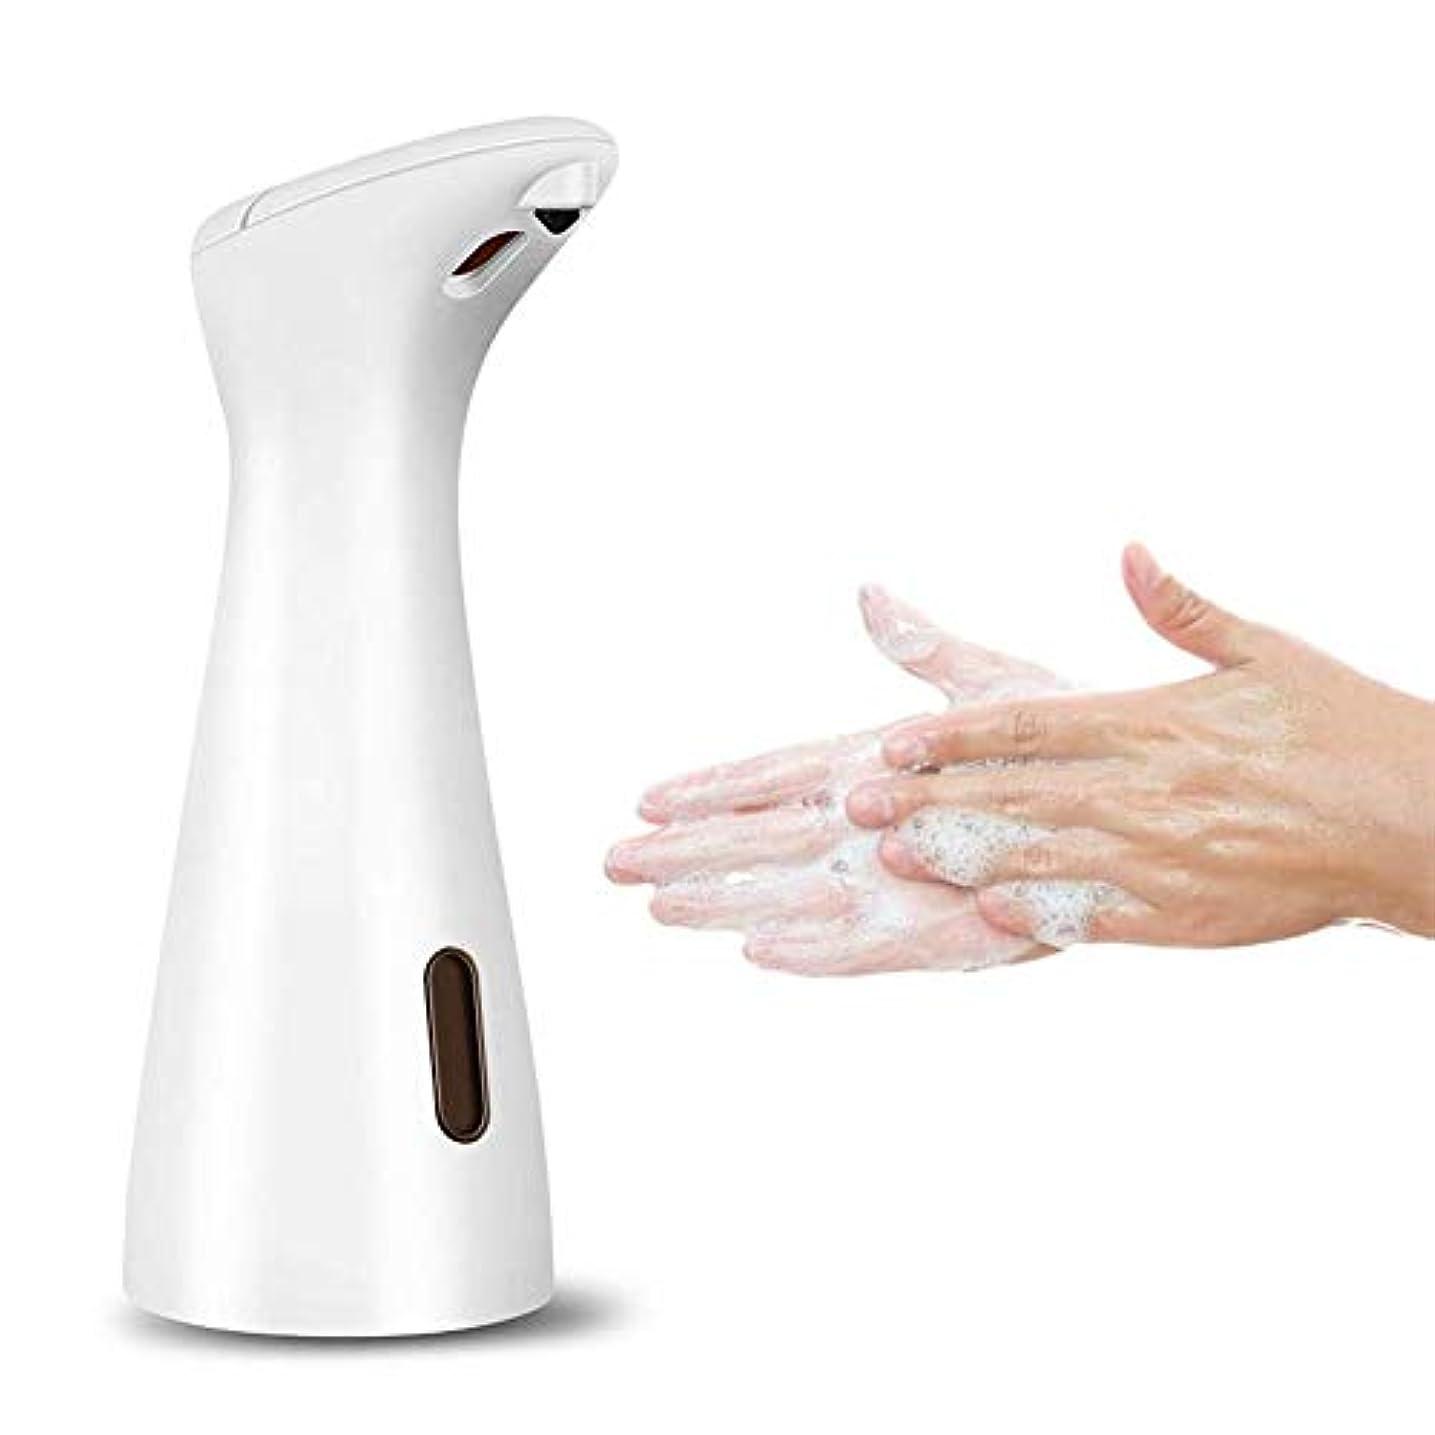 九卒業影響を受けやすいです200ミリリットルスマート自動泡ソープディスペンサー誘導発泡手洗い機ポータブル液体ソープディスペンサー浴室キッチンツール